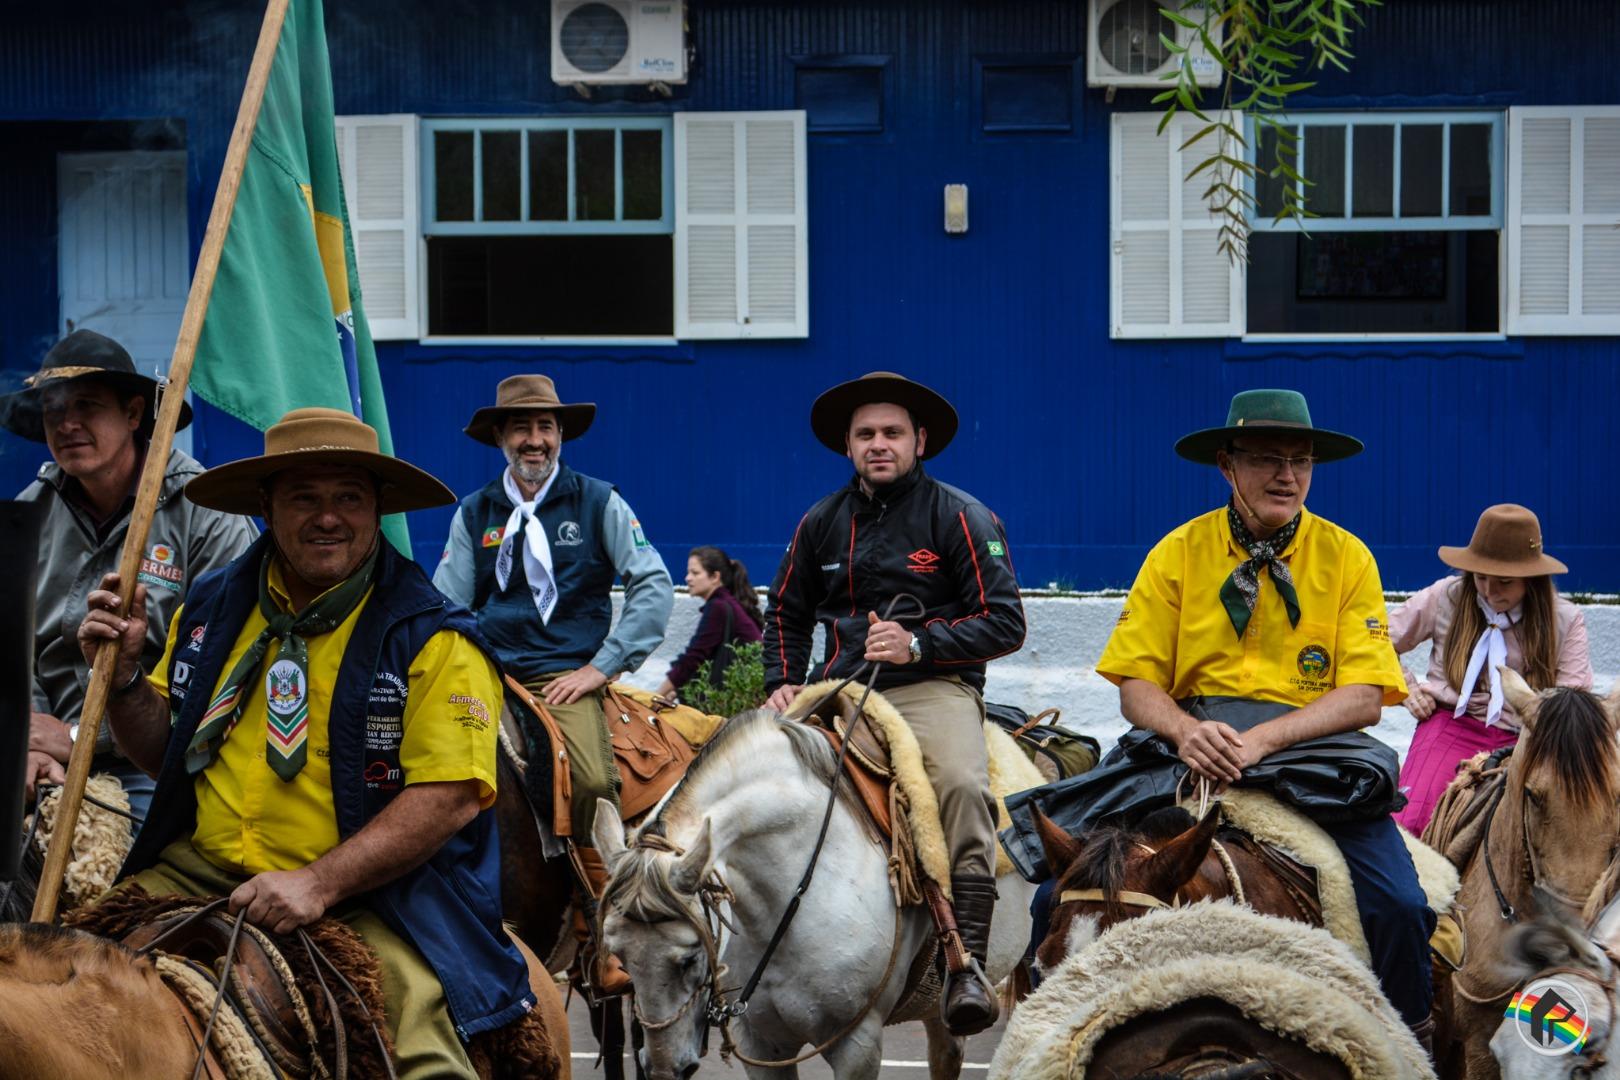 VÍDEO: Cavalgada da Integração passa por São Miguel do Oeste